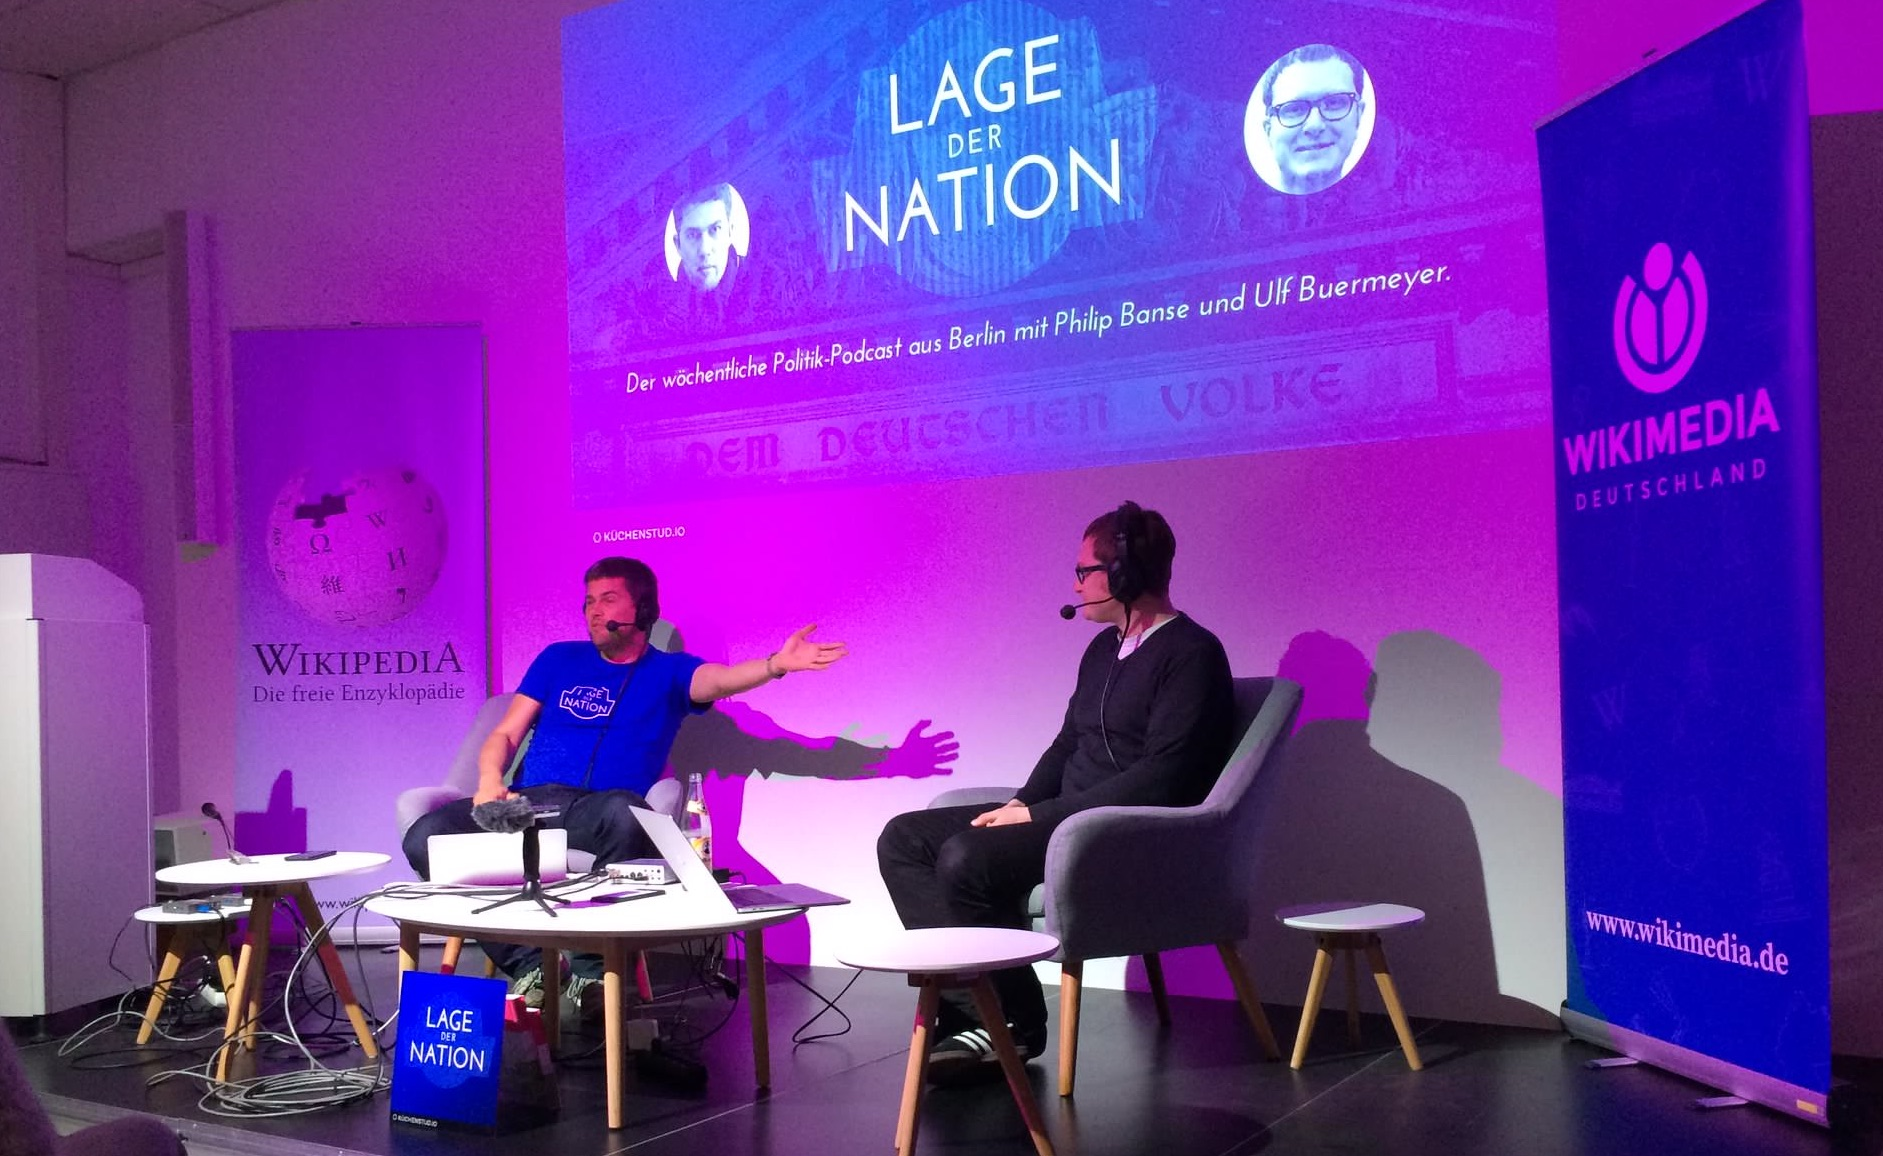 Philip und Ulf auf der Bühne